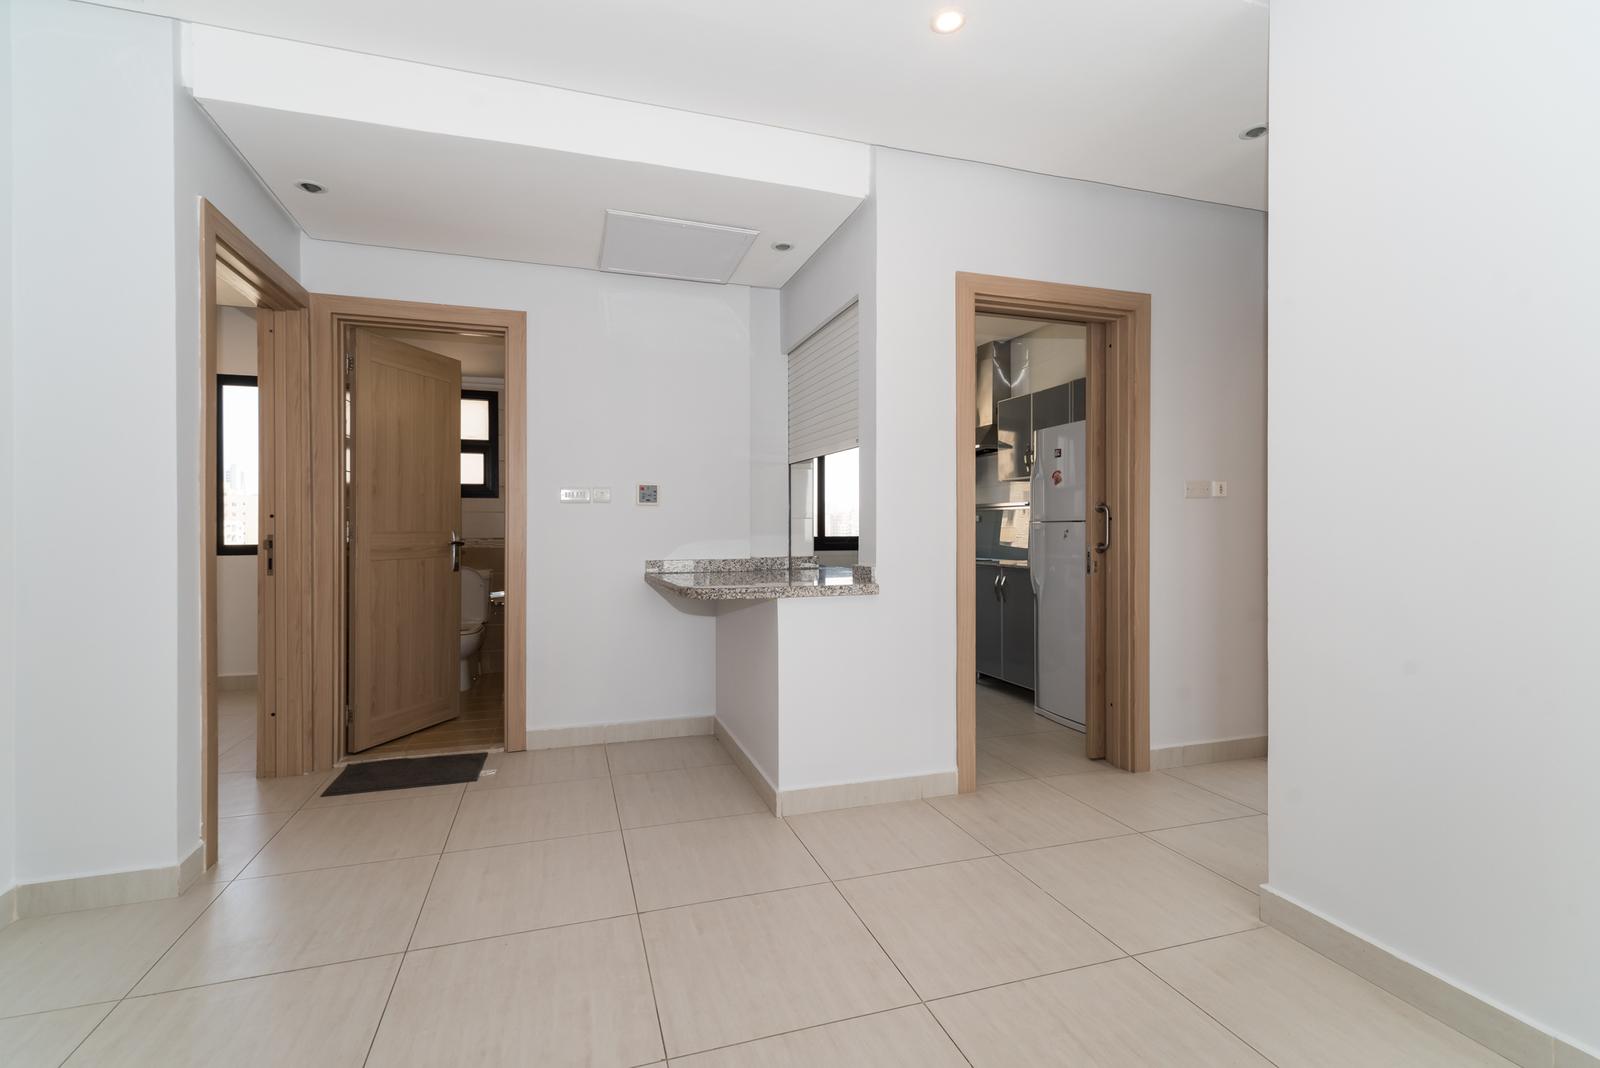 Maidan Hawally – new, unfurnished, three bedroom apartment